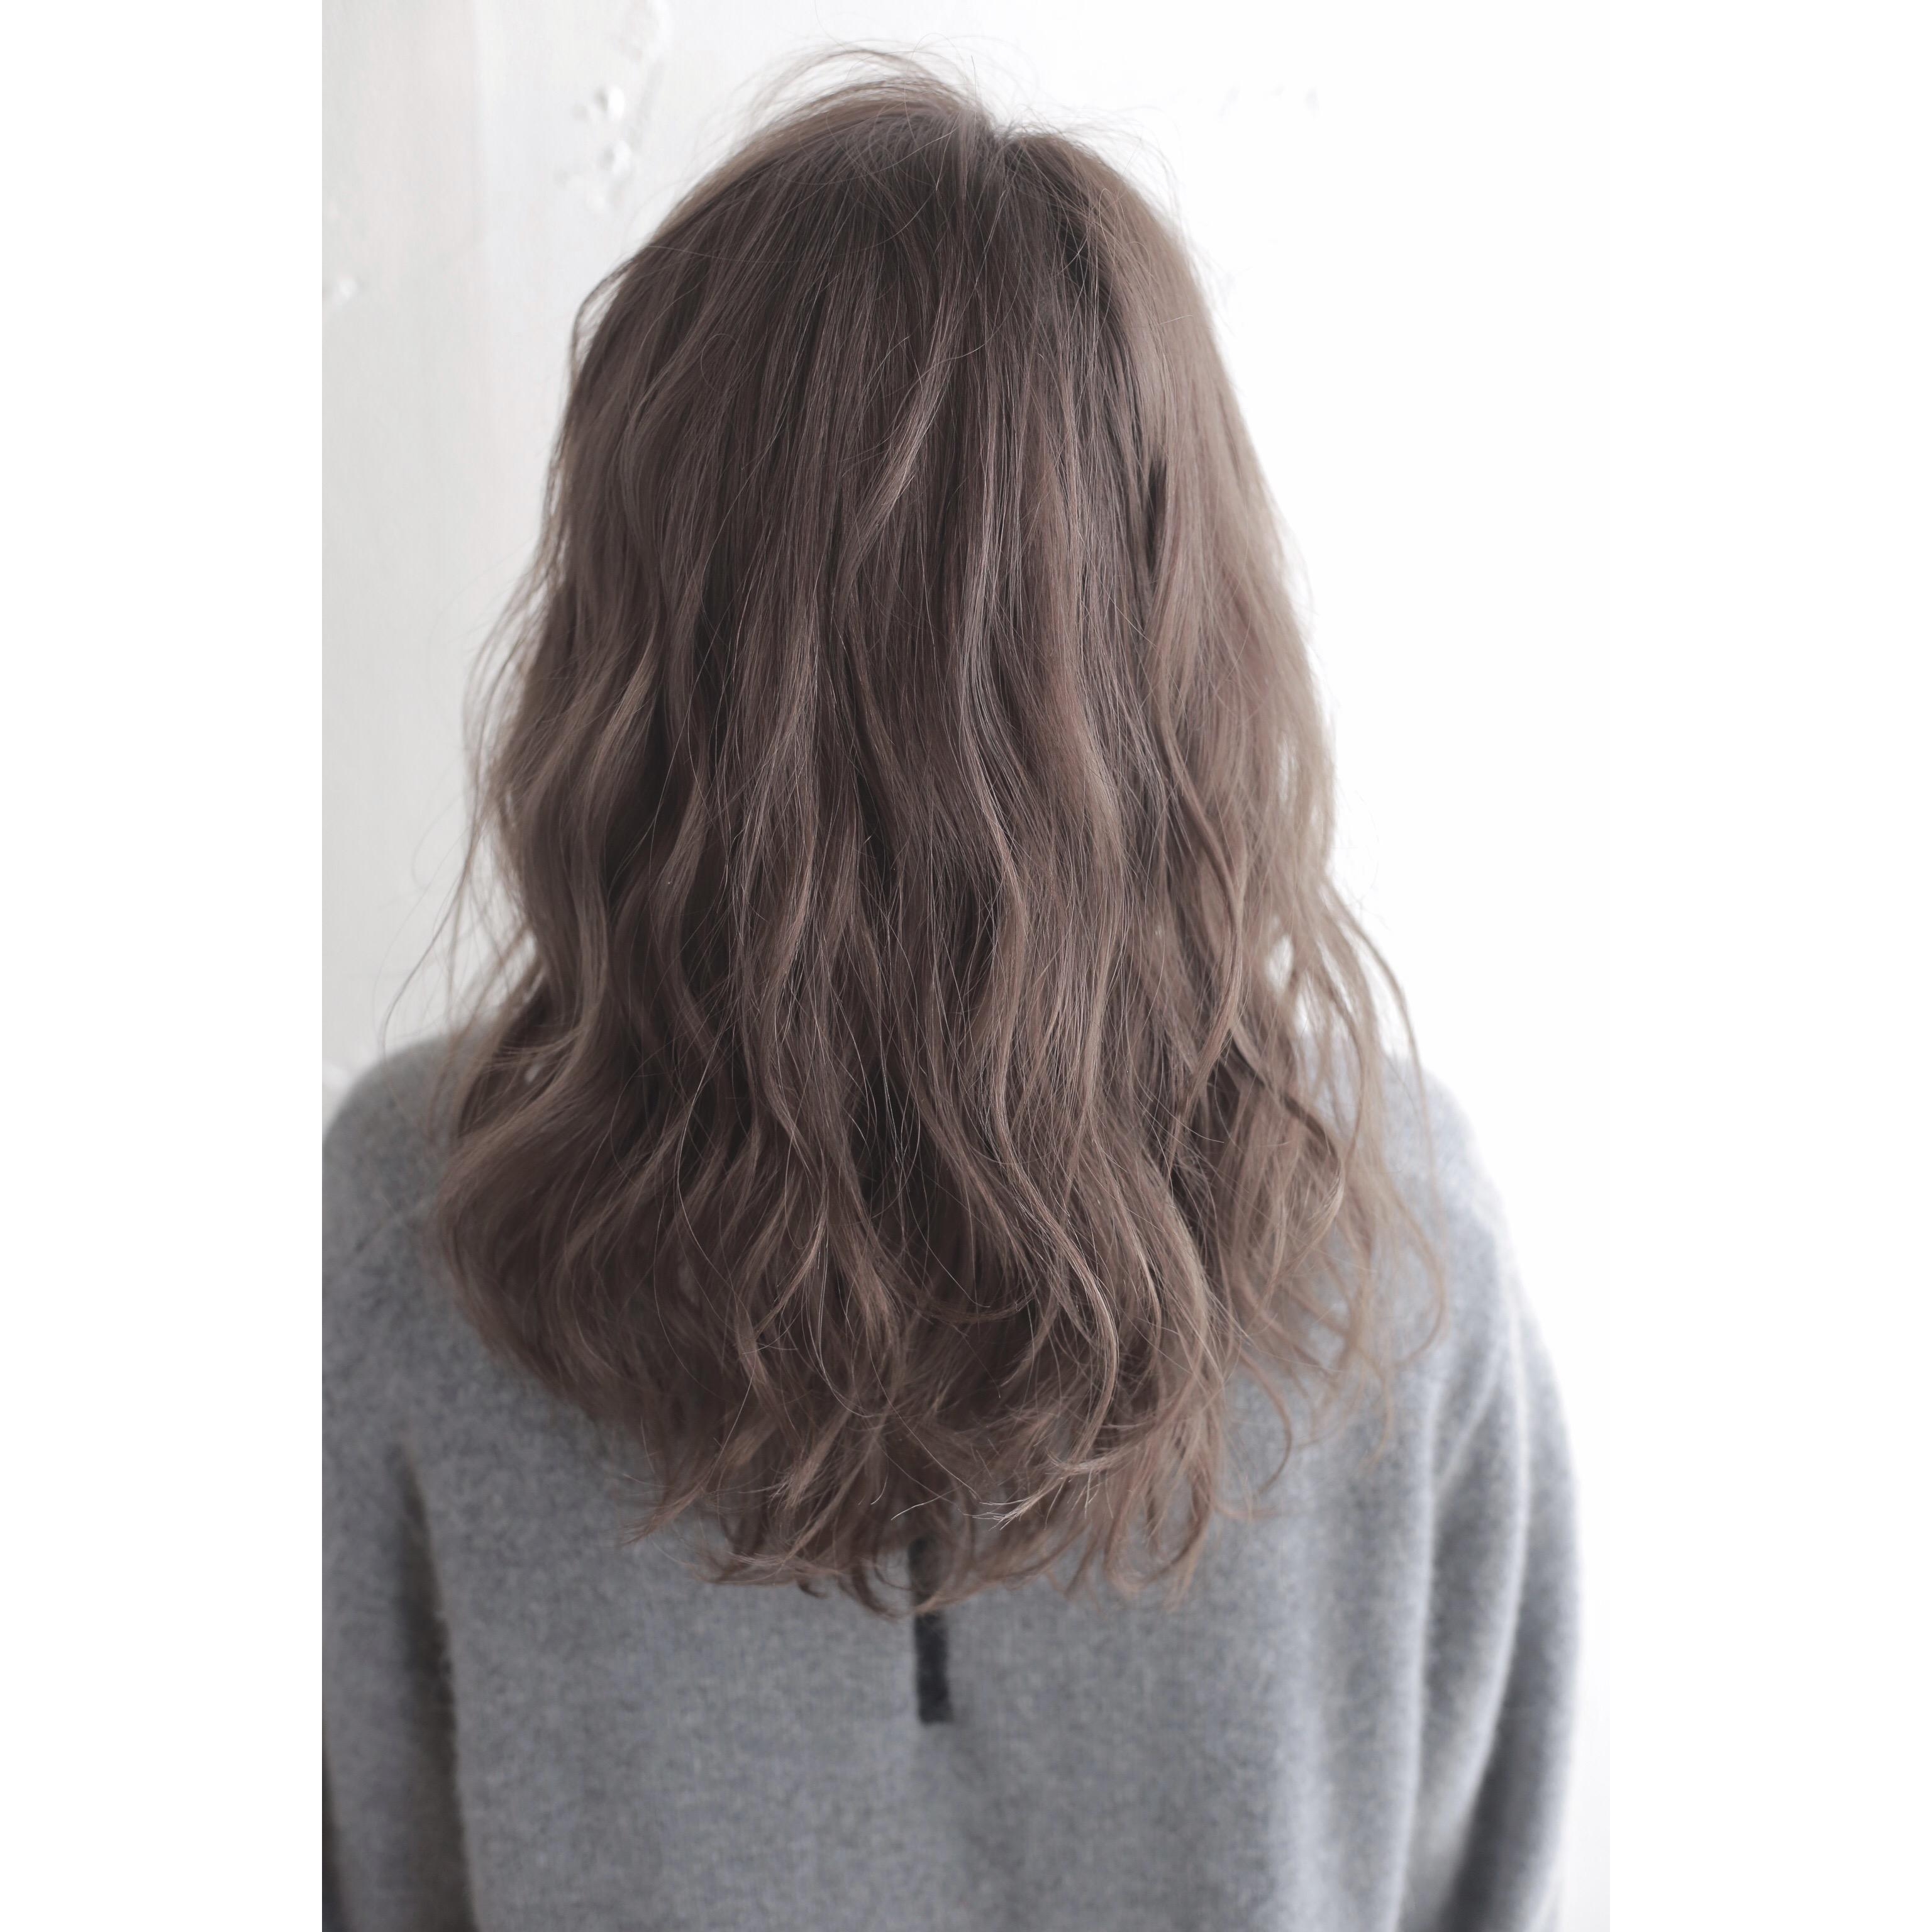 【吉祥寺】髪の明るさで選ぶ人気の透明感ヘアカラー3選!